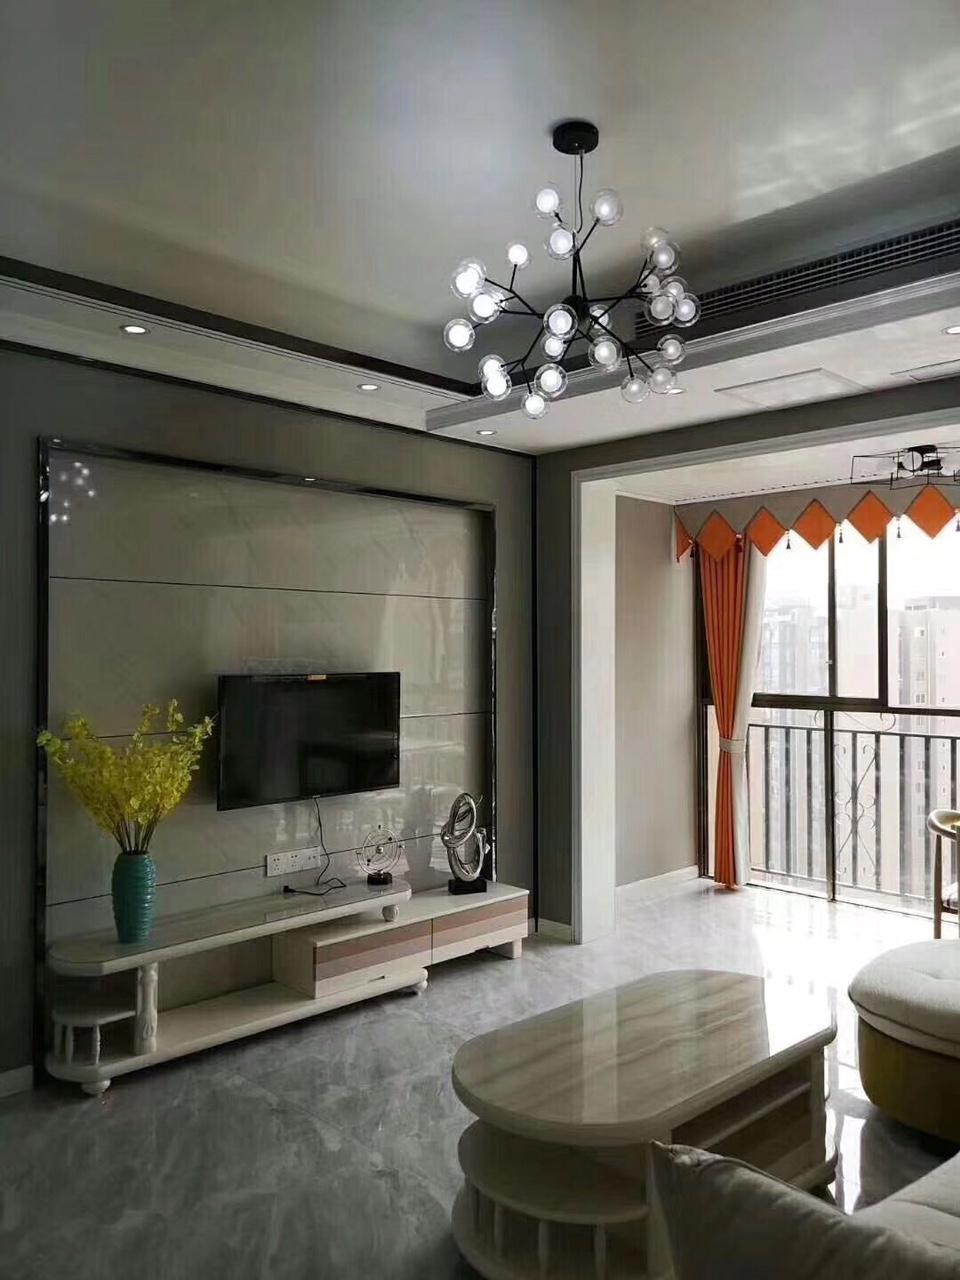 瑞鼎嘉城中央空调三室只需67.8万